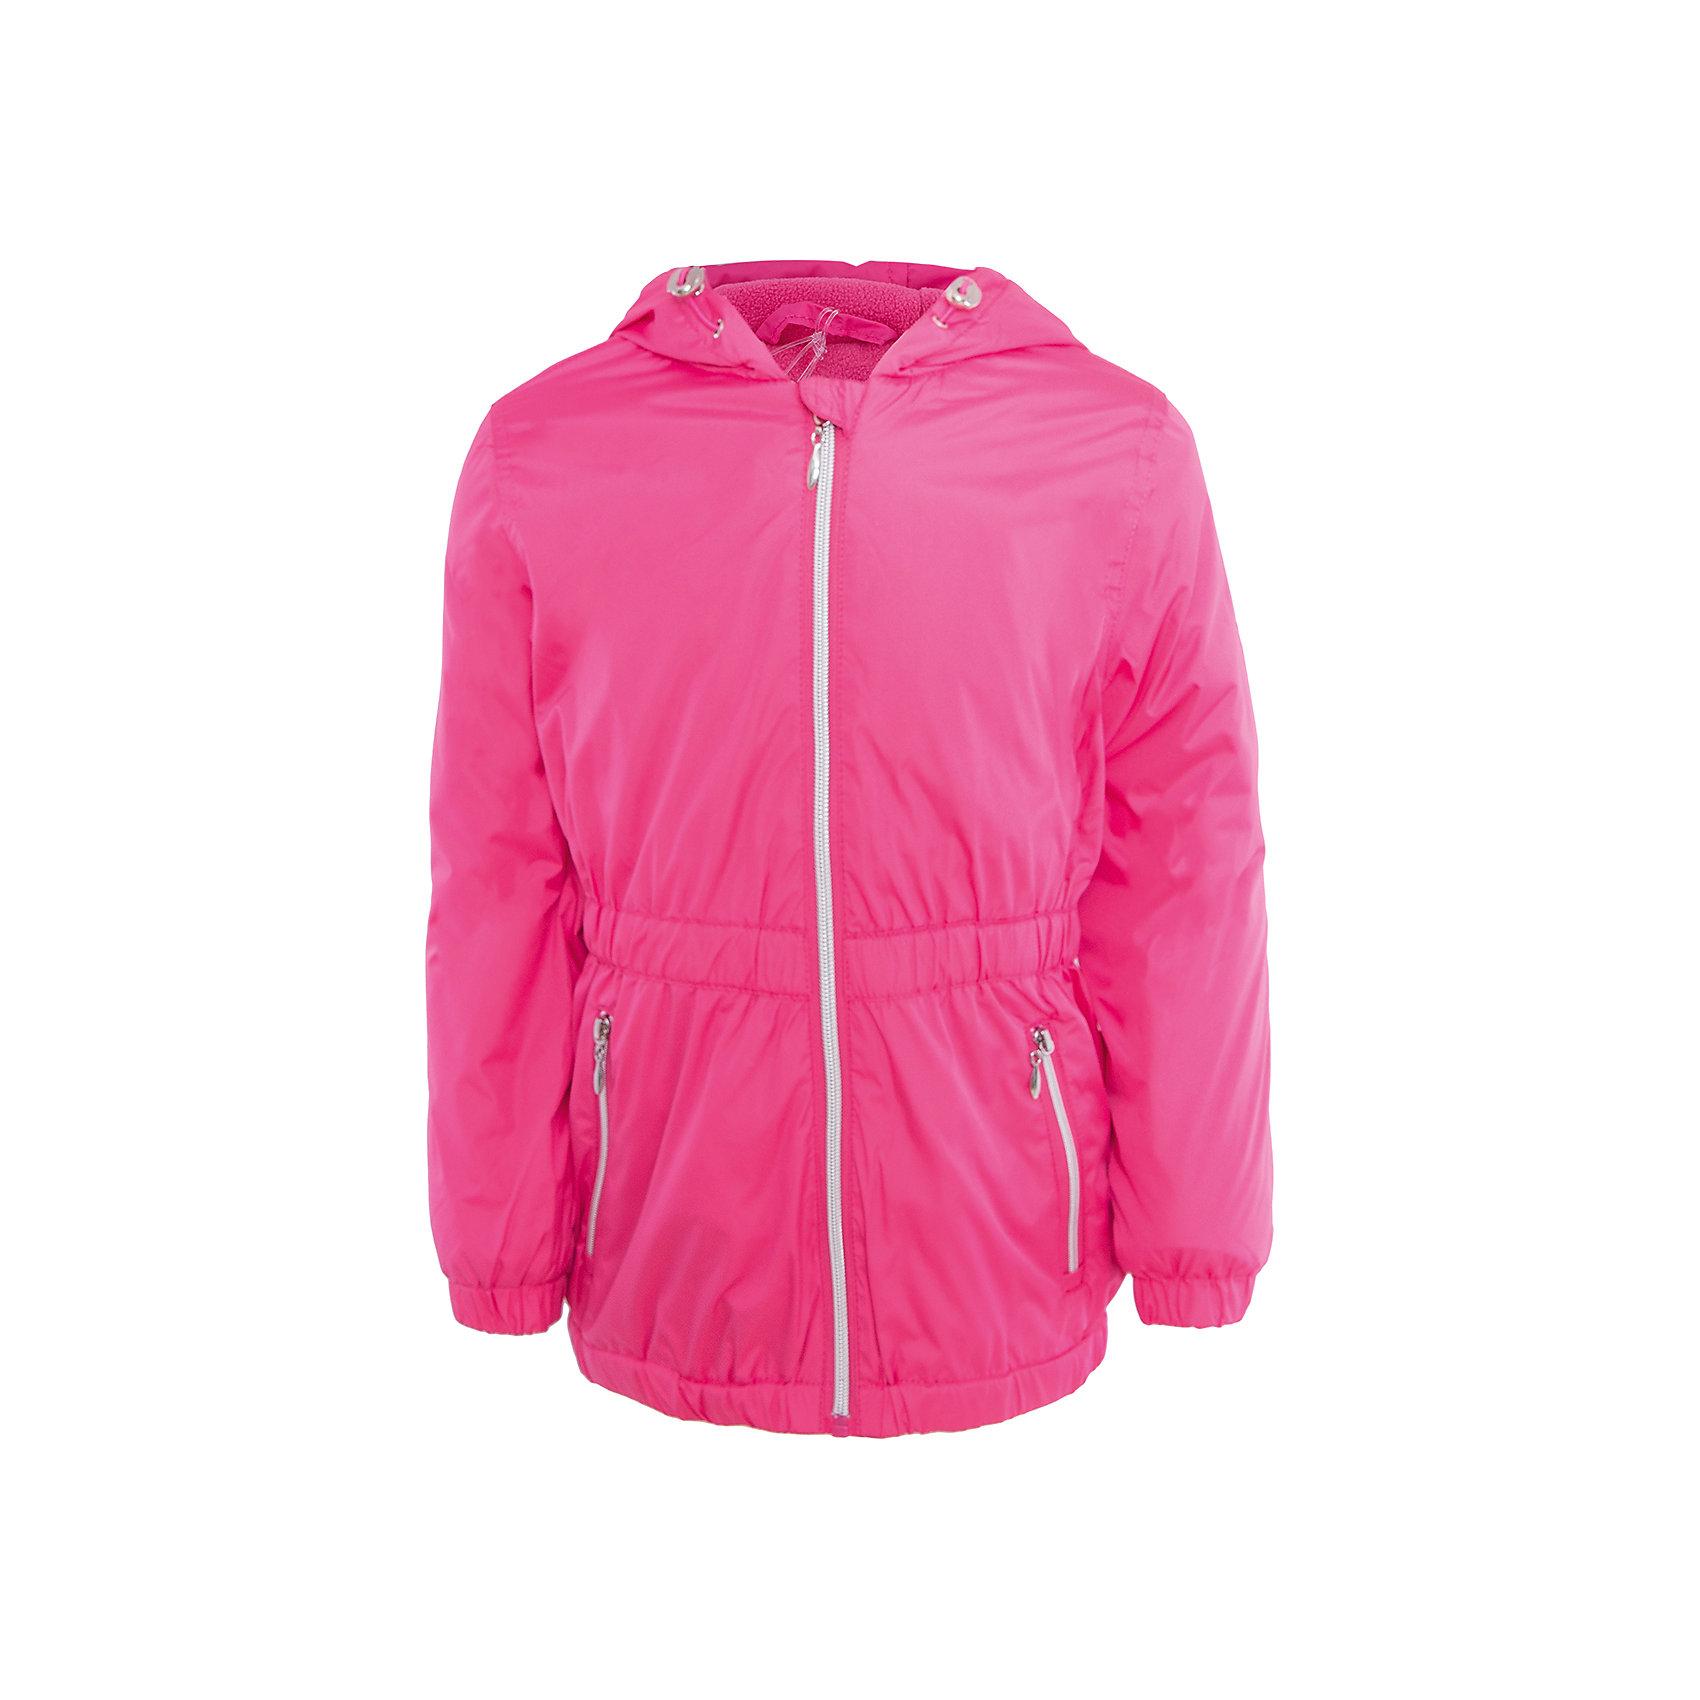 Куртка для девочки SELAВерхняя одежда<br>Характеристики товара:<br><br>• цвет: фуксия<br>• состав: 100% полиэстер; подкладка: 100% полиэстер; подкладка рукава: 100% полиэстер<br>• температурный режим: от +5°до +15°С<br>• мягкая флисовая подкладка<br>• молния<br>• приталенный силуэт<br>• резинка в талии<br>• капюшон на подкладке с ругелирующей объём кулиской<br>• два кармана на молнии<br>• светоотражающая деталь на спинке<br>• коллекция весна-лето 2017<br>• страна бренда: Российская Федерация<br>• страна изготовитель: Китай<br><br>Вещи из новой коллекции SELA продолжают радовать удобством! Легкая куртка для девочки поможет разнообразить гардероб ребенка и обеспечить комфорт. Она отлично сочетается с юбками и брюками. Очень стильно смотрится!<br><br>Одежда, обувь и аксессуары от российского бренда SELA не зря пользуются большой популярностью у детей и взрослых! Модели этой марки - стильные и удобные, цена при этом неизменно остается доступной. Для их производства используются только безопасные, качественные материалы и фурнитура. Новая коллекция поддерживает хорошие традиции бренда! <br><br>Куртку для девочки от популярного бренда SELA (СЕЛА) можно купить в нашем интернет-магазине.<br><br>Ширина мм: 356<br>Глубина мм: 10<br>Высота мм: 245<br>Вес г: 519<br>Цвет: розовый<br>Возраст от месяцев: 84<br>Возраст до месяцев: 96<br>Пол: Женский<br>Возраст: Детский<br>Размер: 128,140,152,116<br>SKU: 5305208